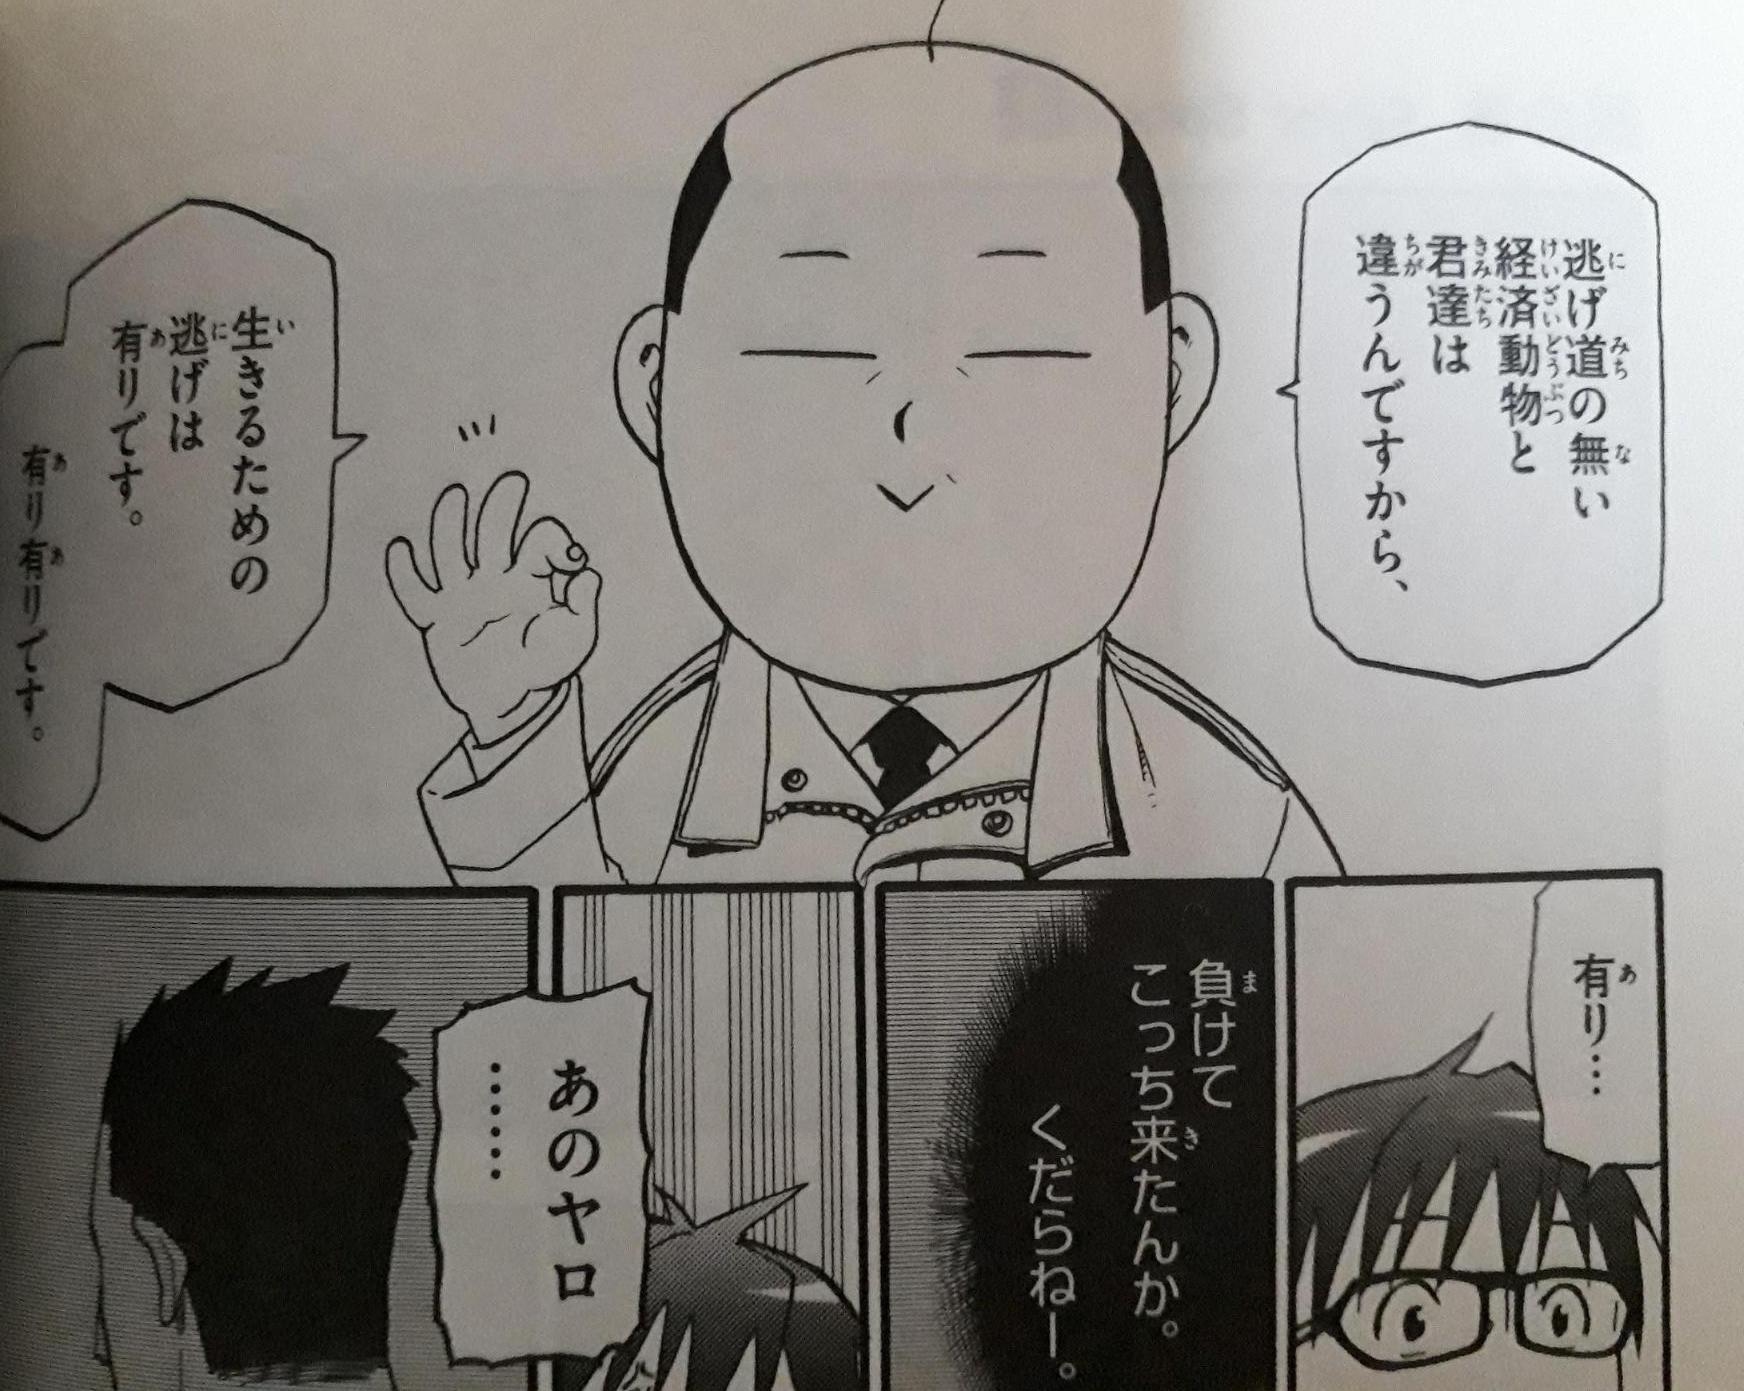 【漫画】自己嫌悪に陥った時知っておきたい名セリフ【名言】